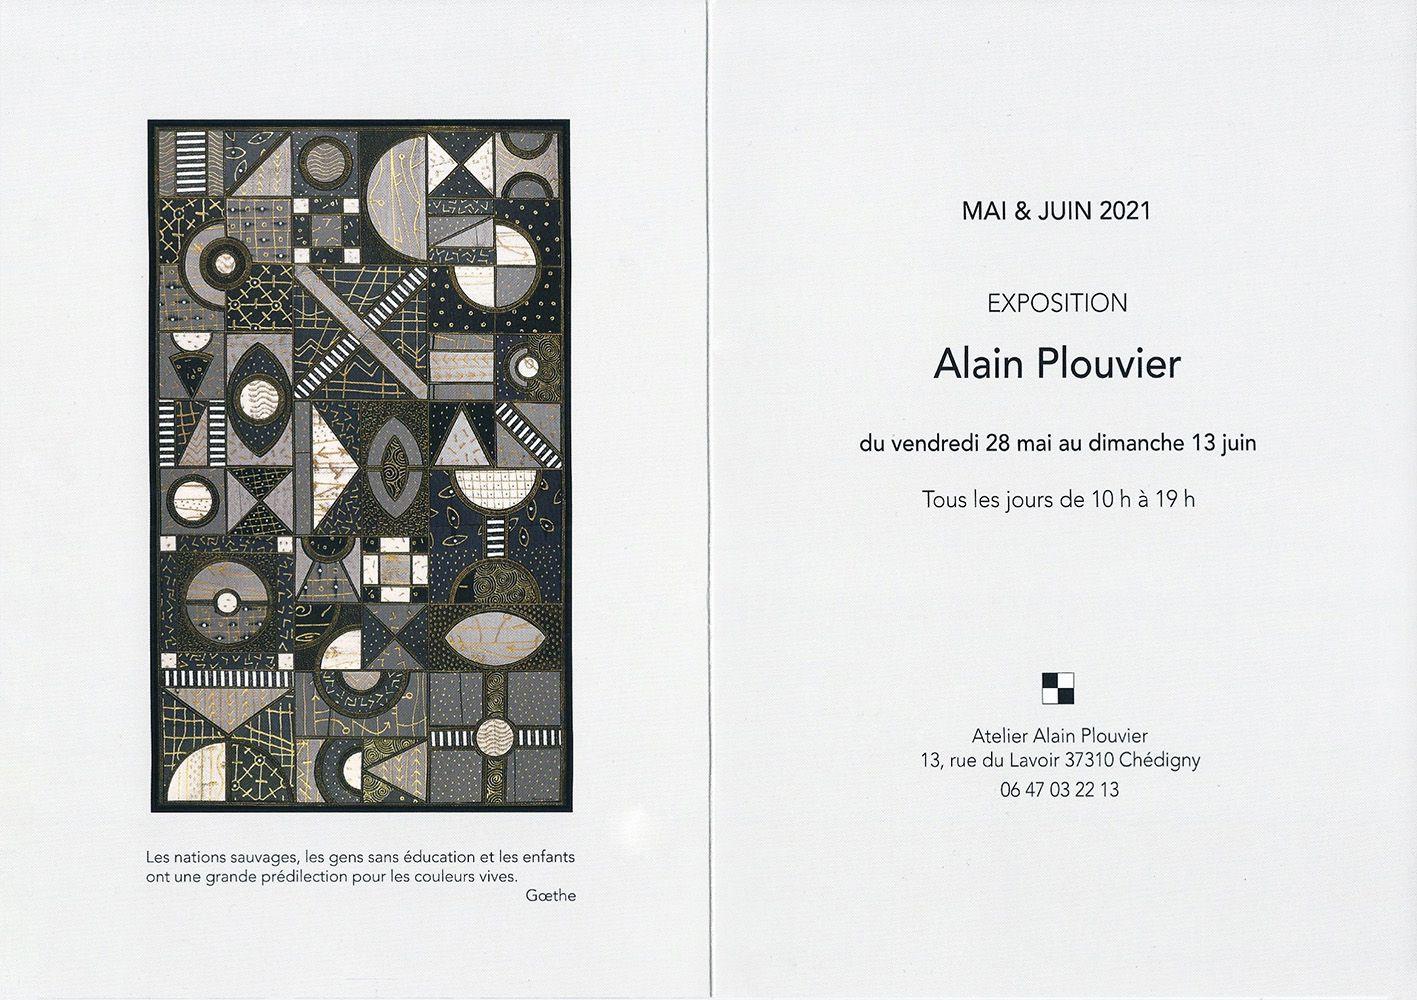 Alain Plouvier et les nations sauvages.